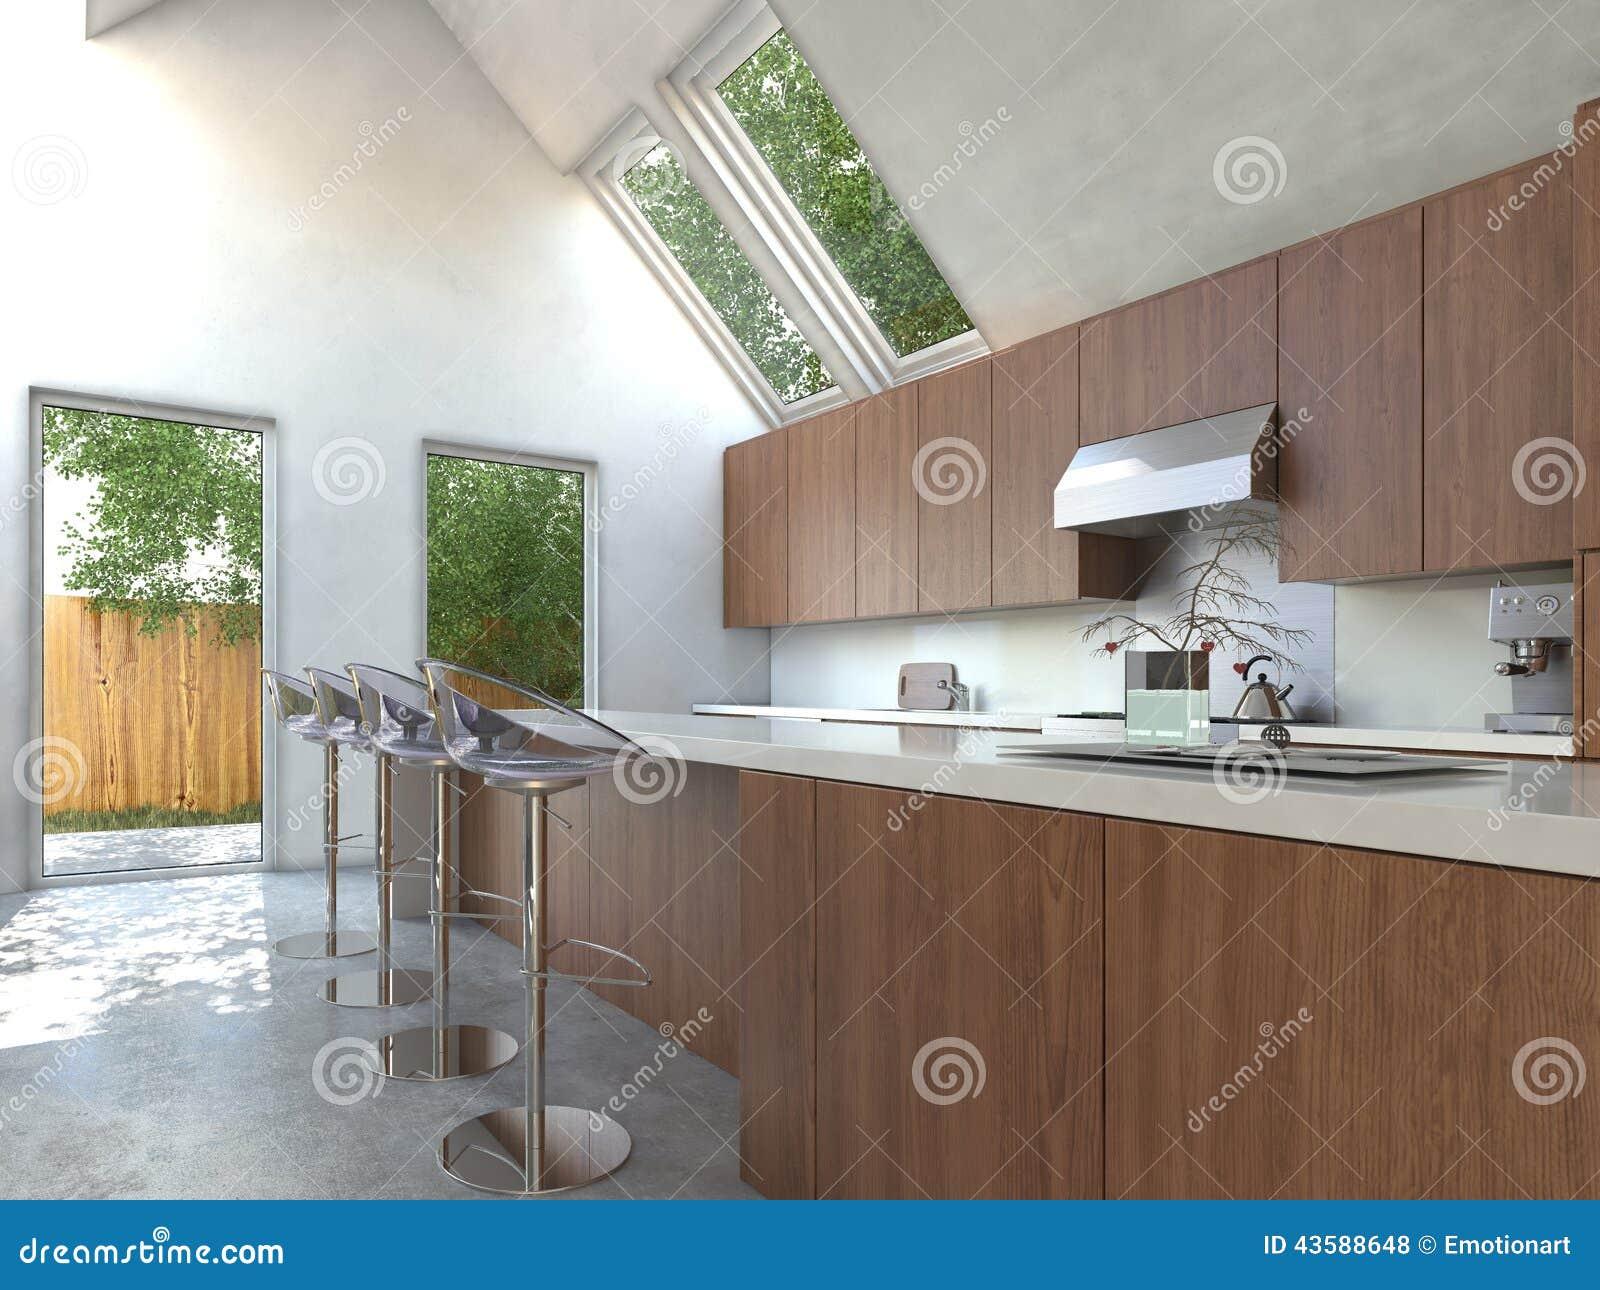 Compacte keuken met een barteller en krukken stock illustratie afbeelding 43588648 - Keuken met teller ...